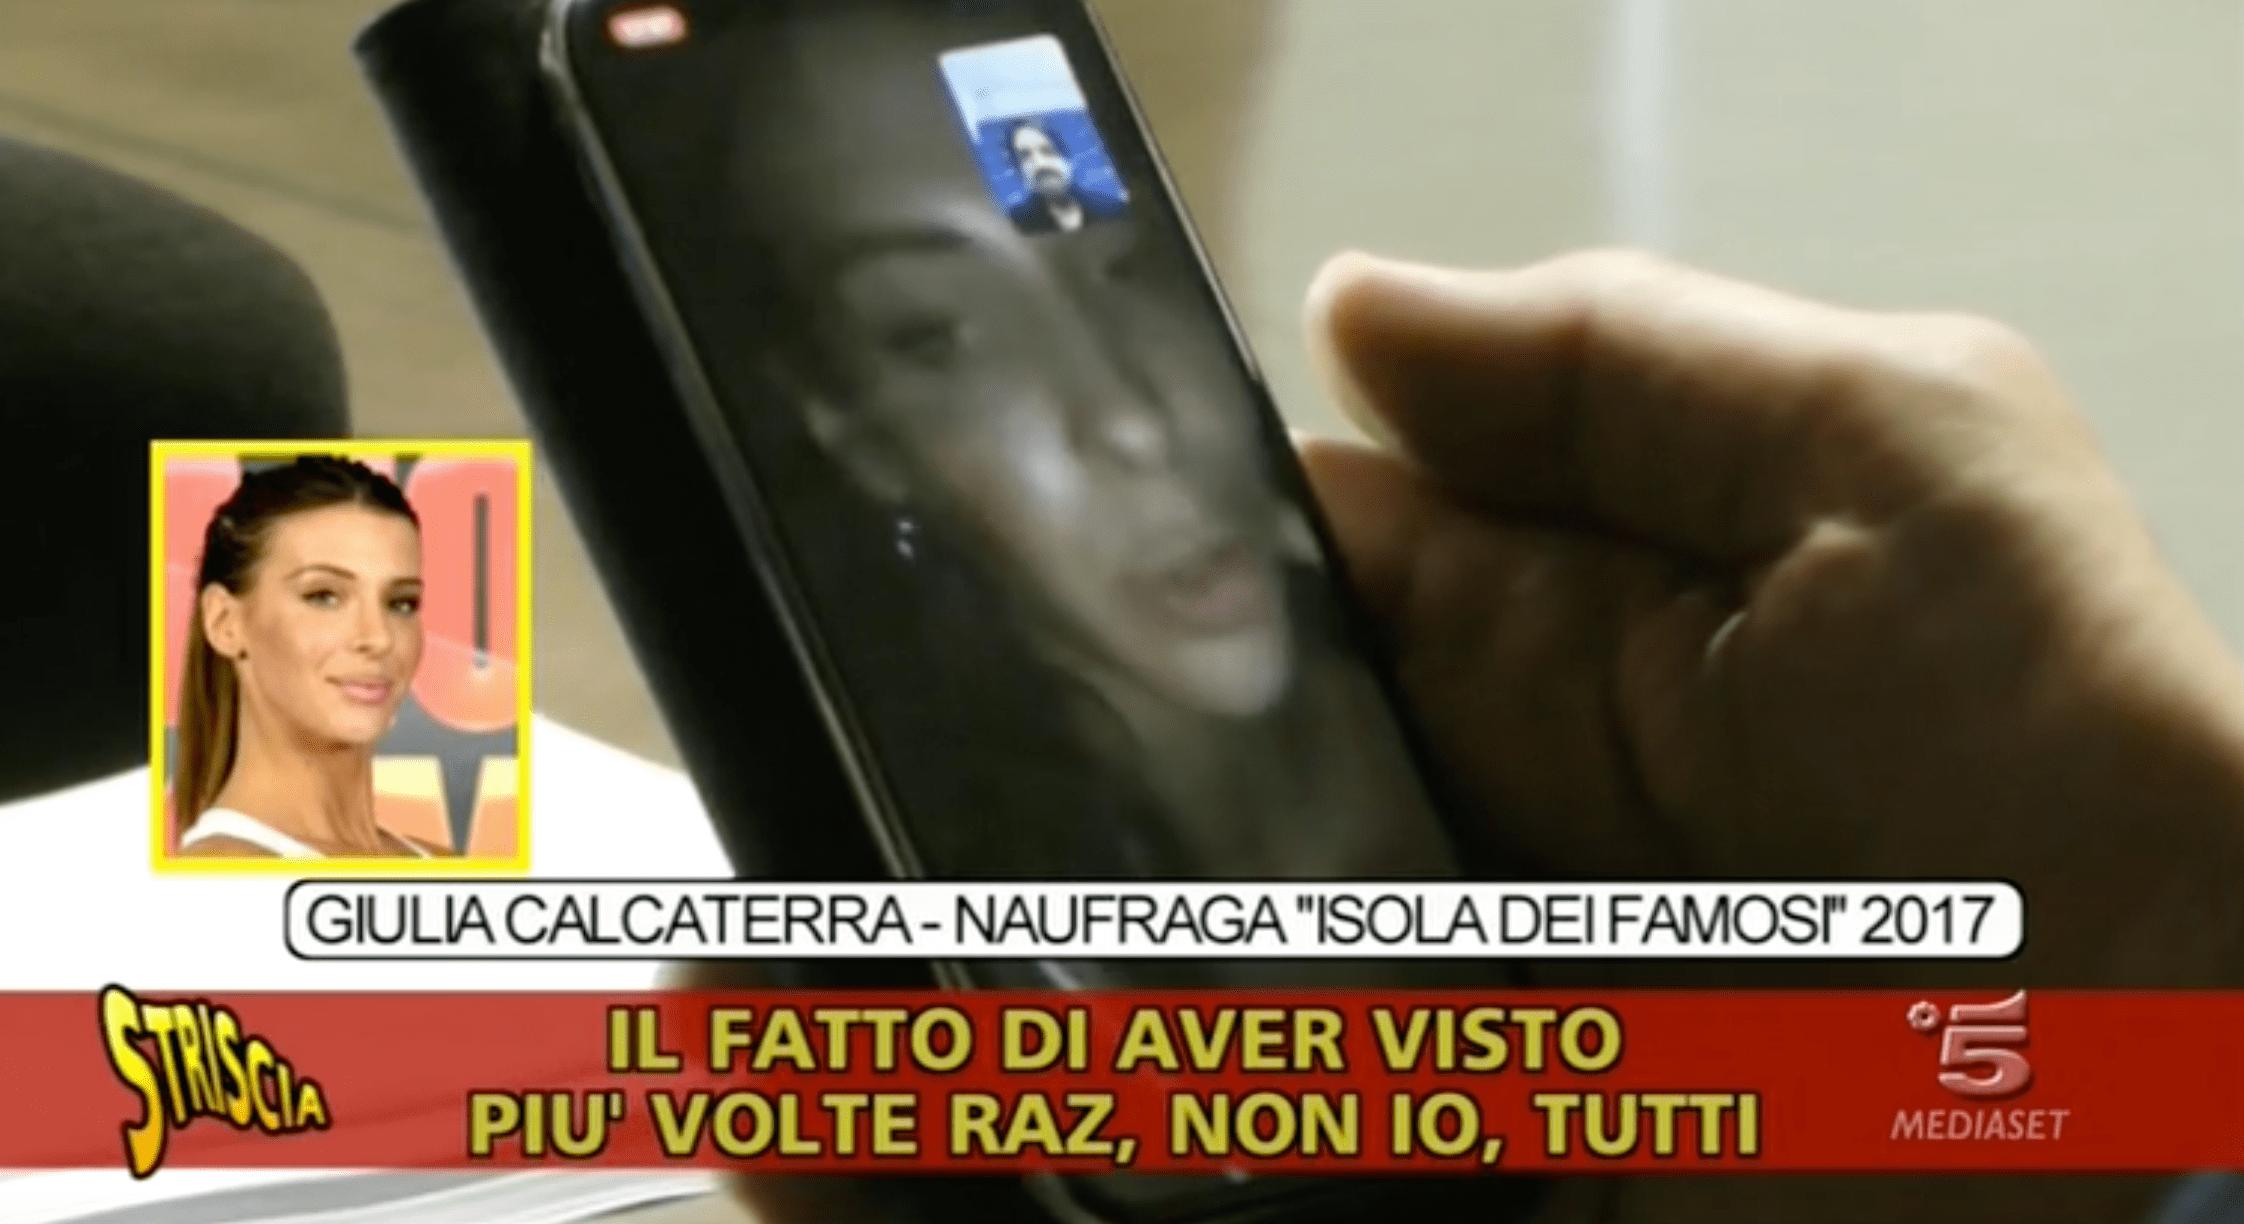 giulia calcaterra dichiarazioni shock isola dei famosi striscia la notizia